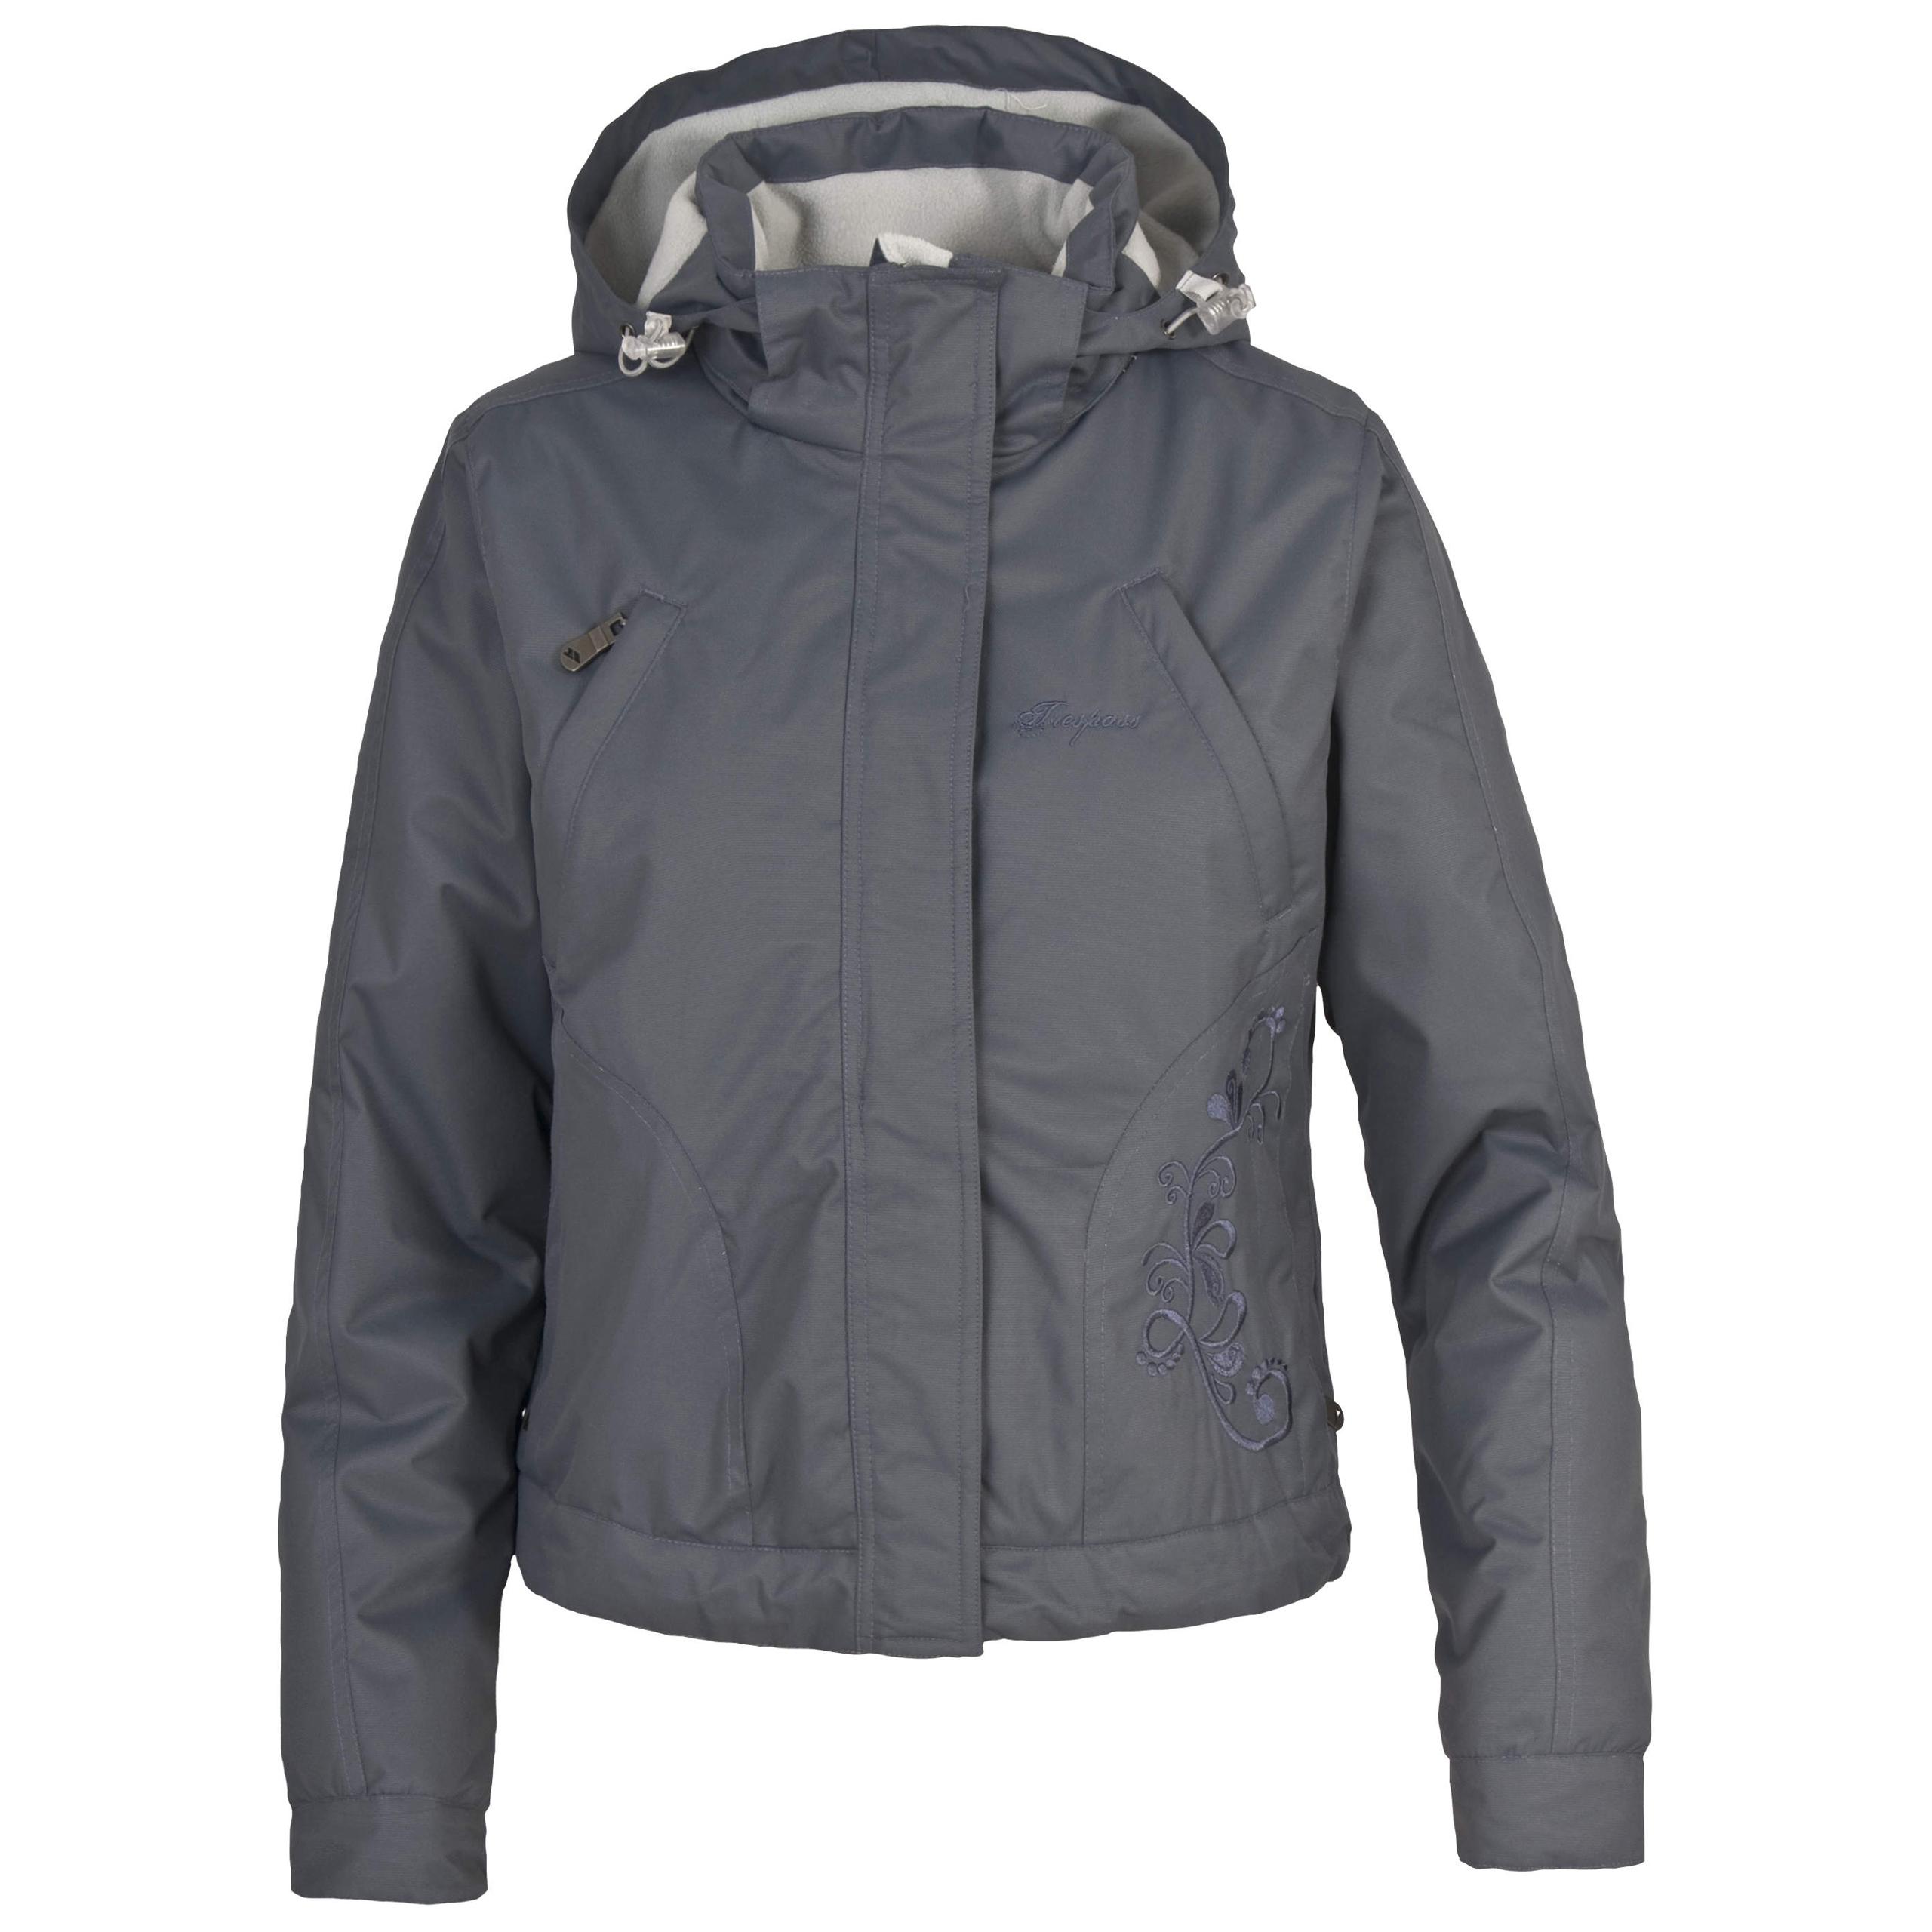 Womens Discount Waterproof Jackets | Ladies Cheap Waterproof